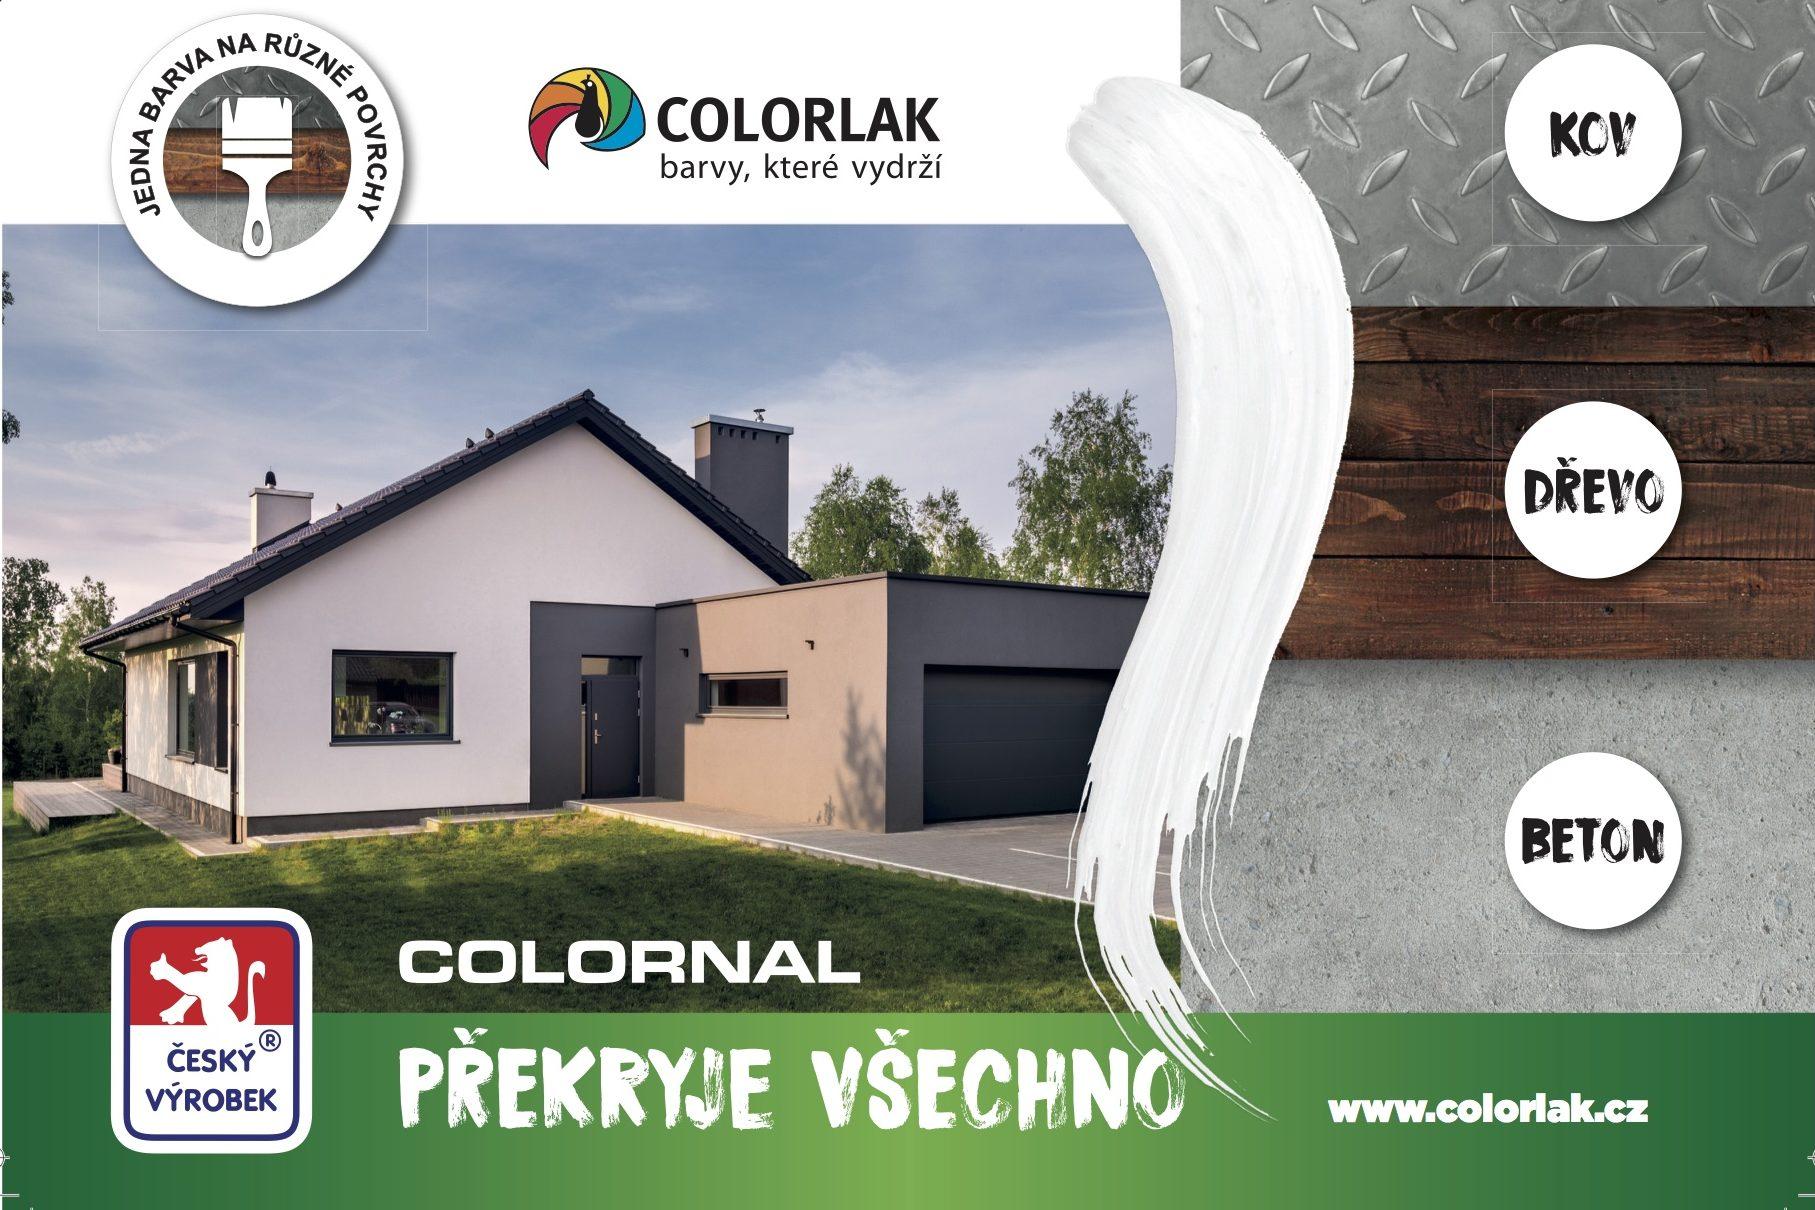 COLORLAK_COLORNAL_A4_H